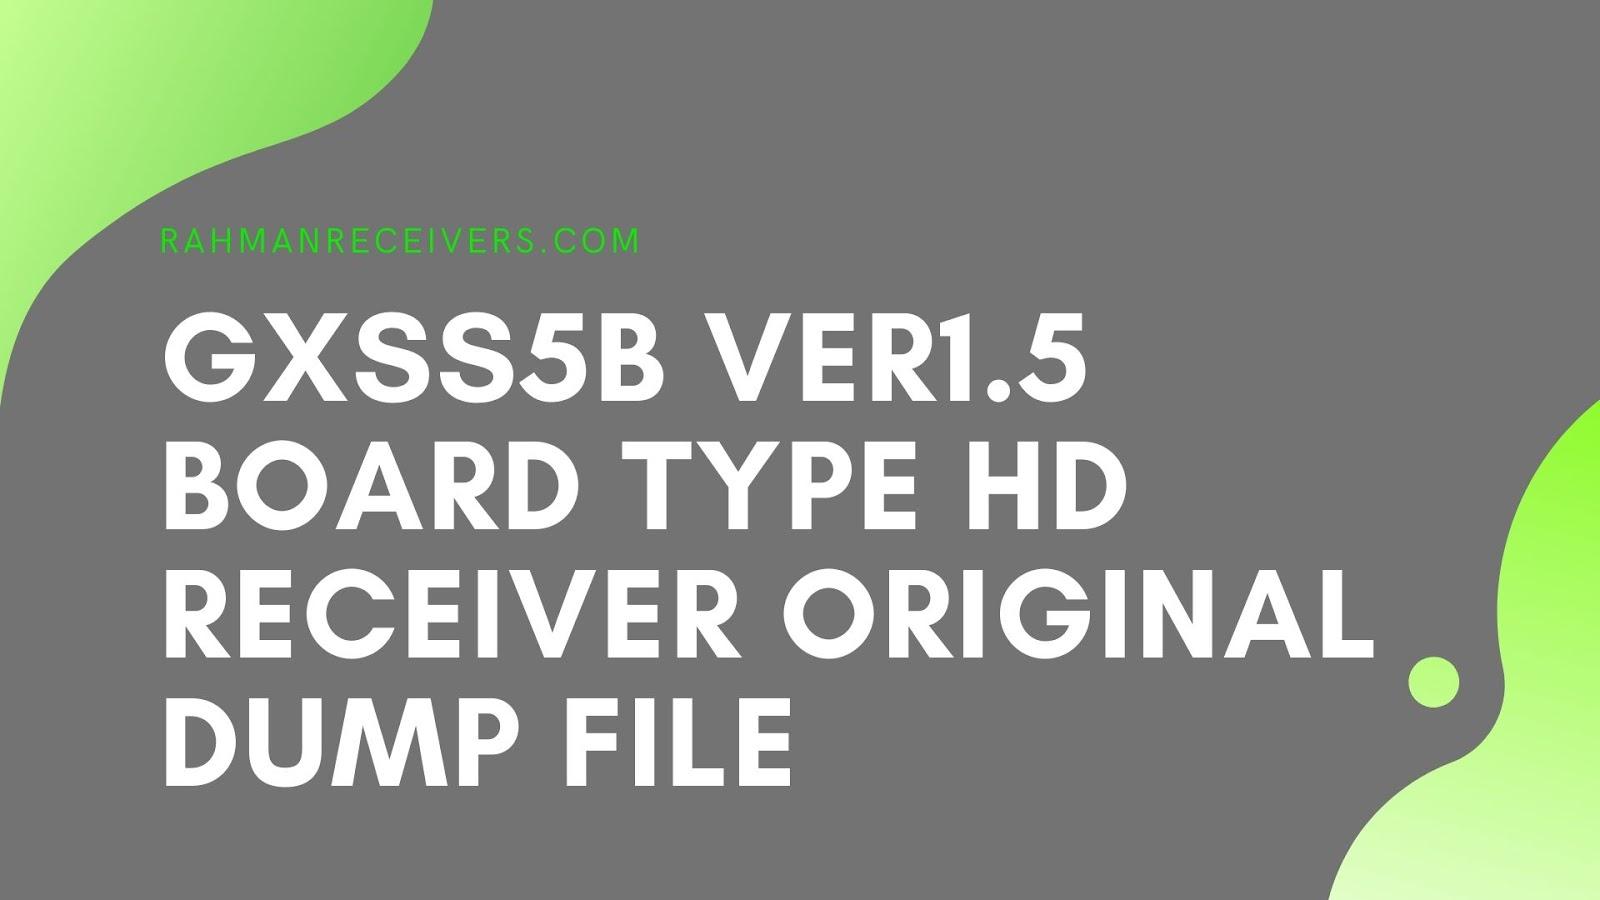 GXSS5B VER1.5 BOARD TYPE HD RECEIVER ORIGINAL DUMP FILE